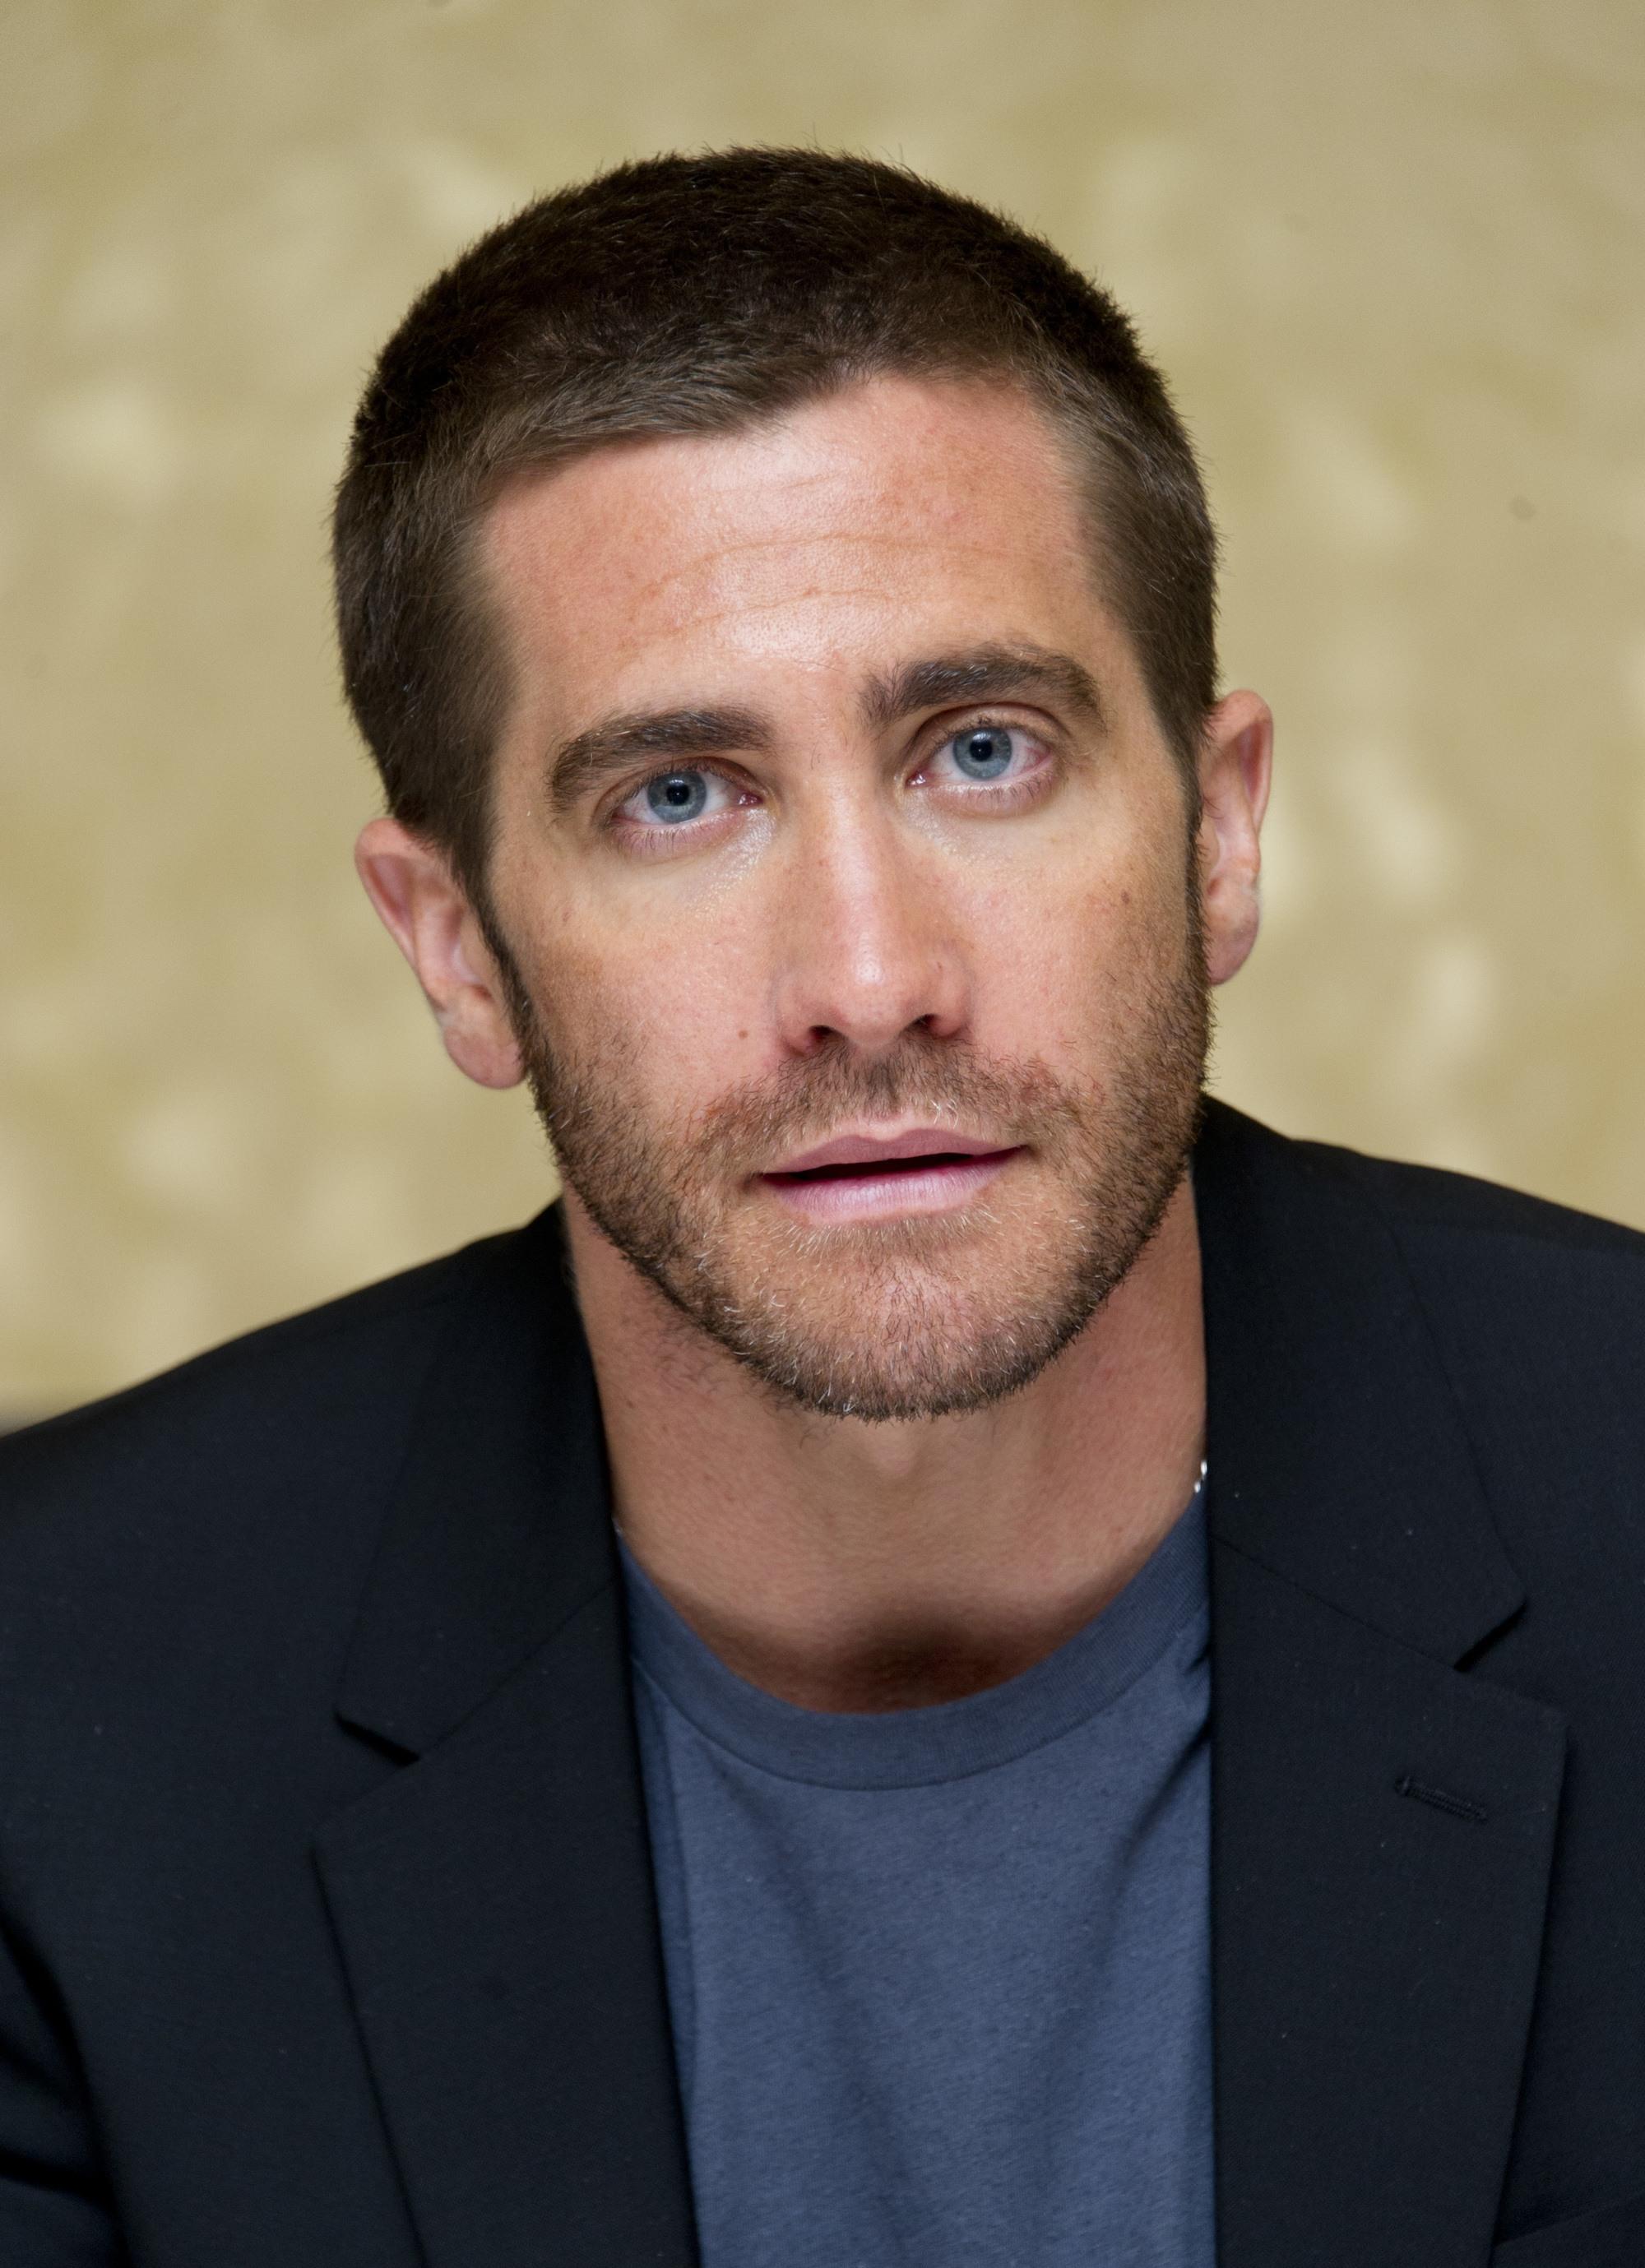 Coiffures pour le recul de la ligne des cheveux : Photographie de Jake Gyllenhaal avec une coupe de cheveux en raie, portant un t-shirt bleu et un blazer noir